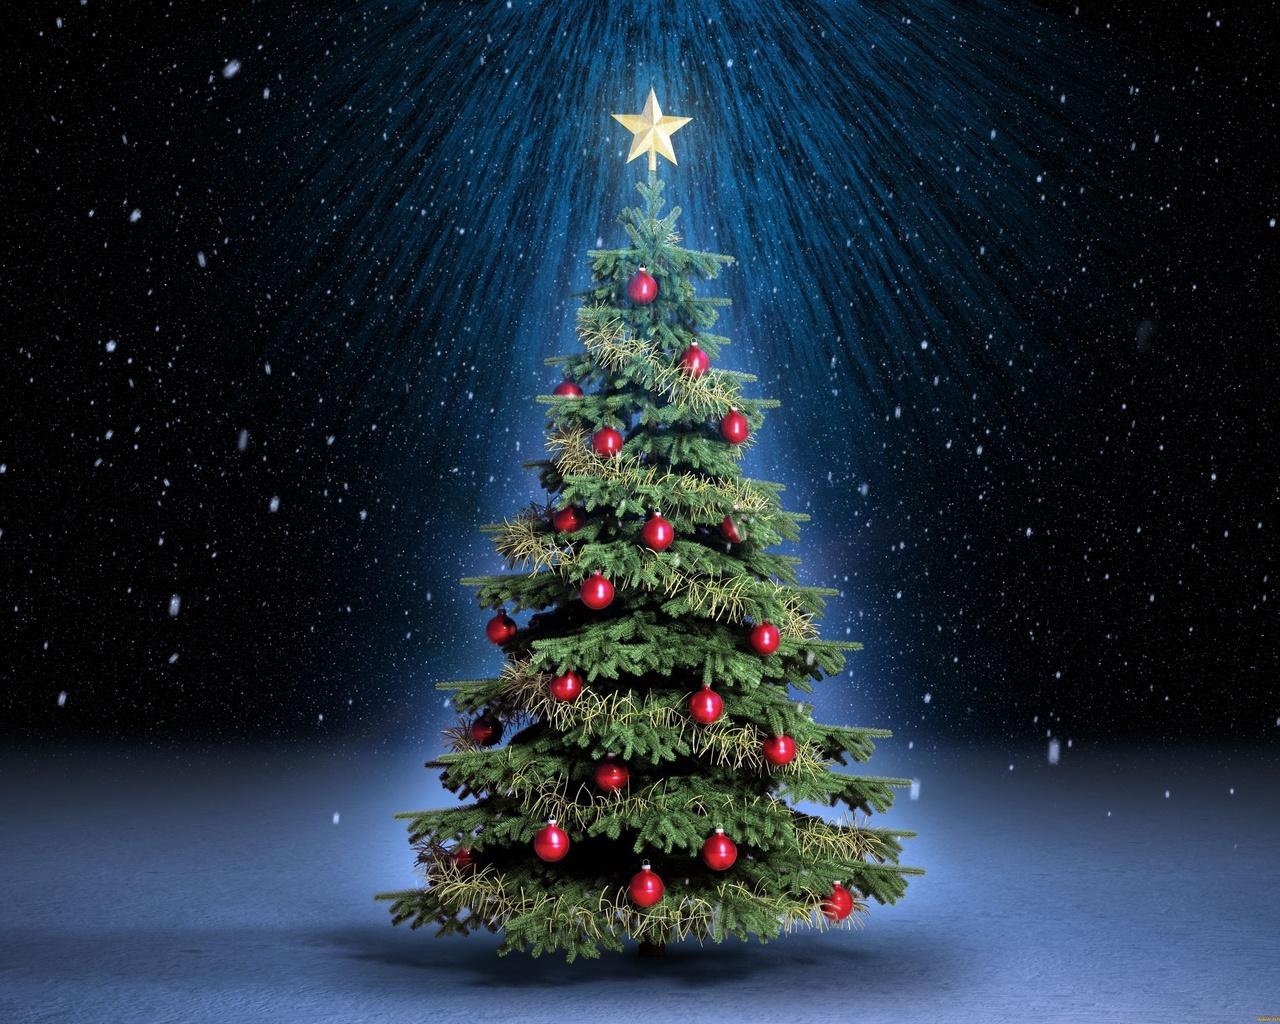 новый год, елка, фэнтези, арт, работа, красиво, новогодняя елка, темный фон